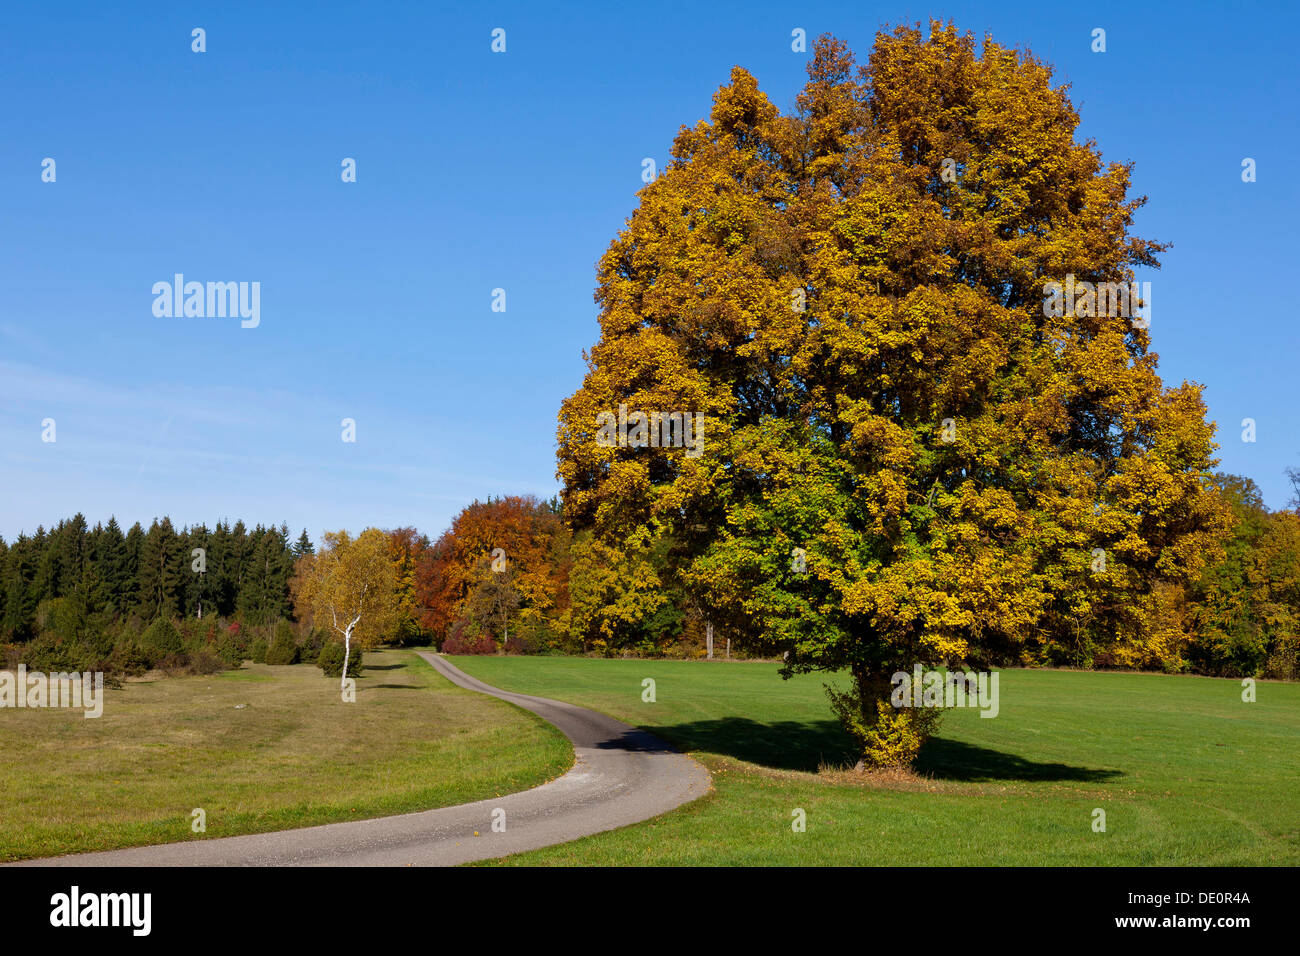 Weg durch ein Feld mit herbstlichen Bäume, Gerstetten, schwäbischen Alb, Schwäbische Alb, Baden-Württemberg, Deutschland Stockbild